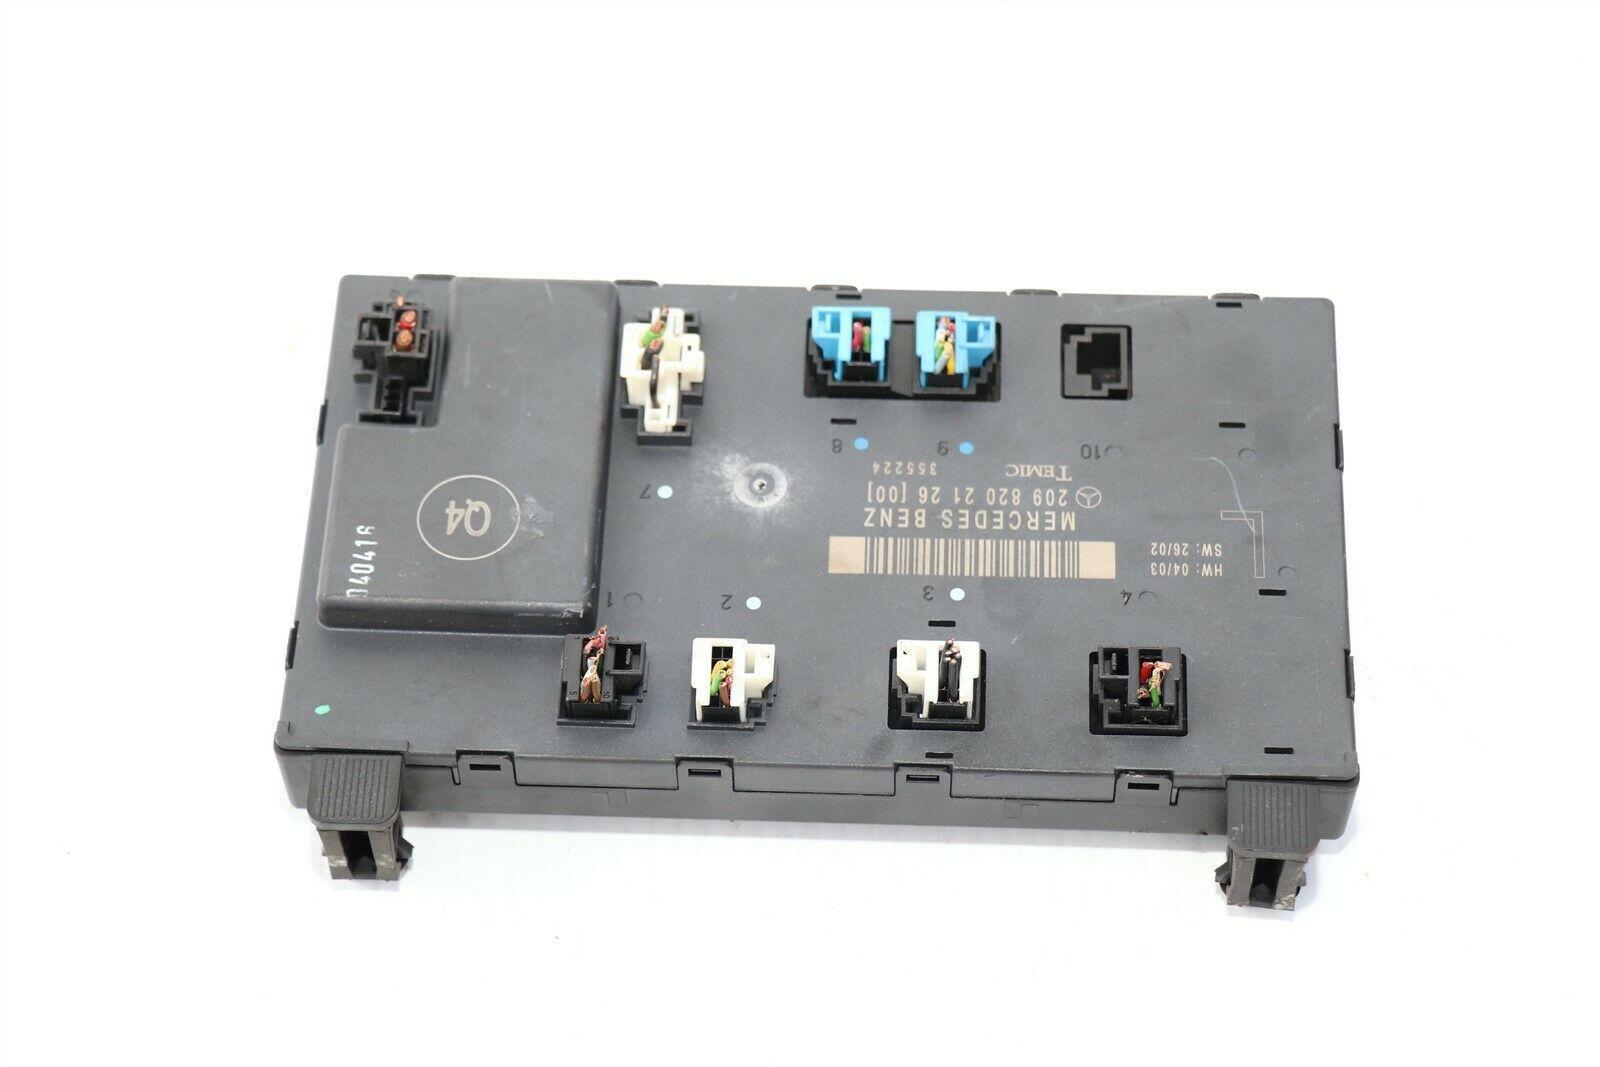 W209 Mercedes Clk320 Clk550 Clk55 Driver Left Door Control Module A209-820-21-26